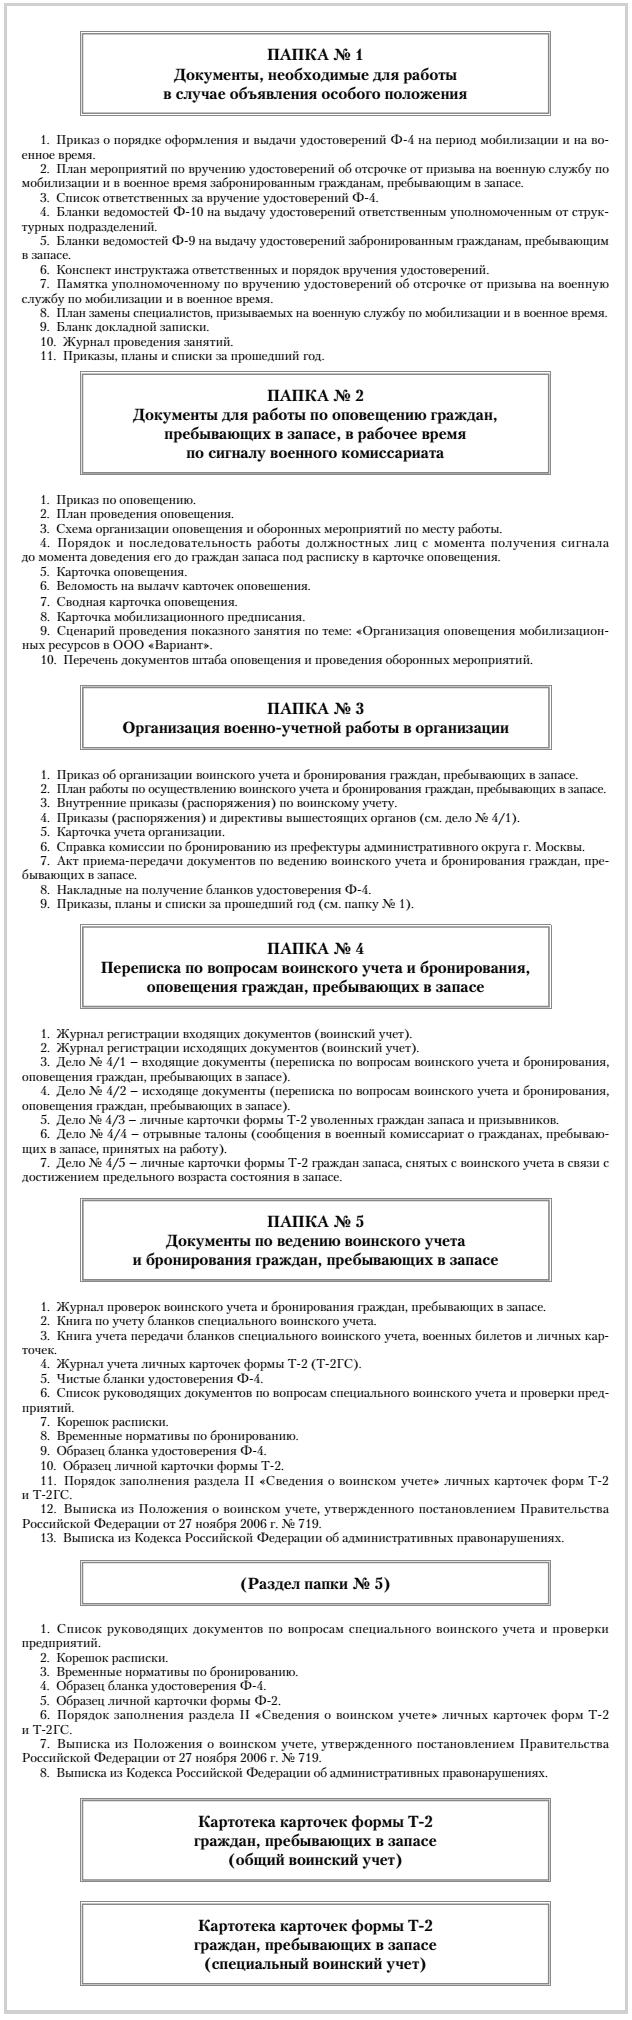 Распоряжение работодателя, образец, форма и пример составления